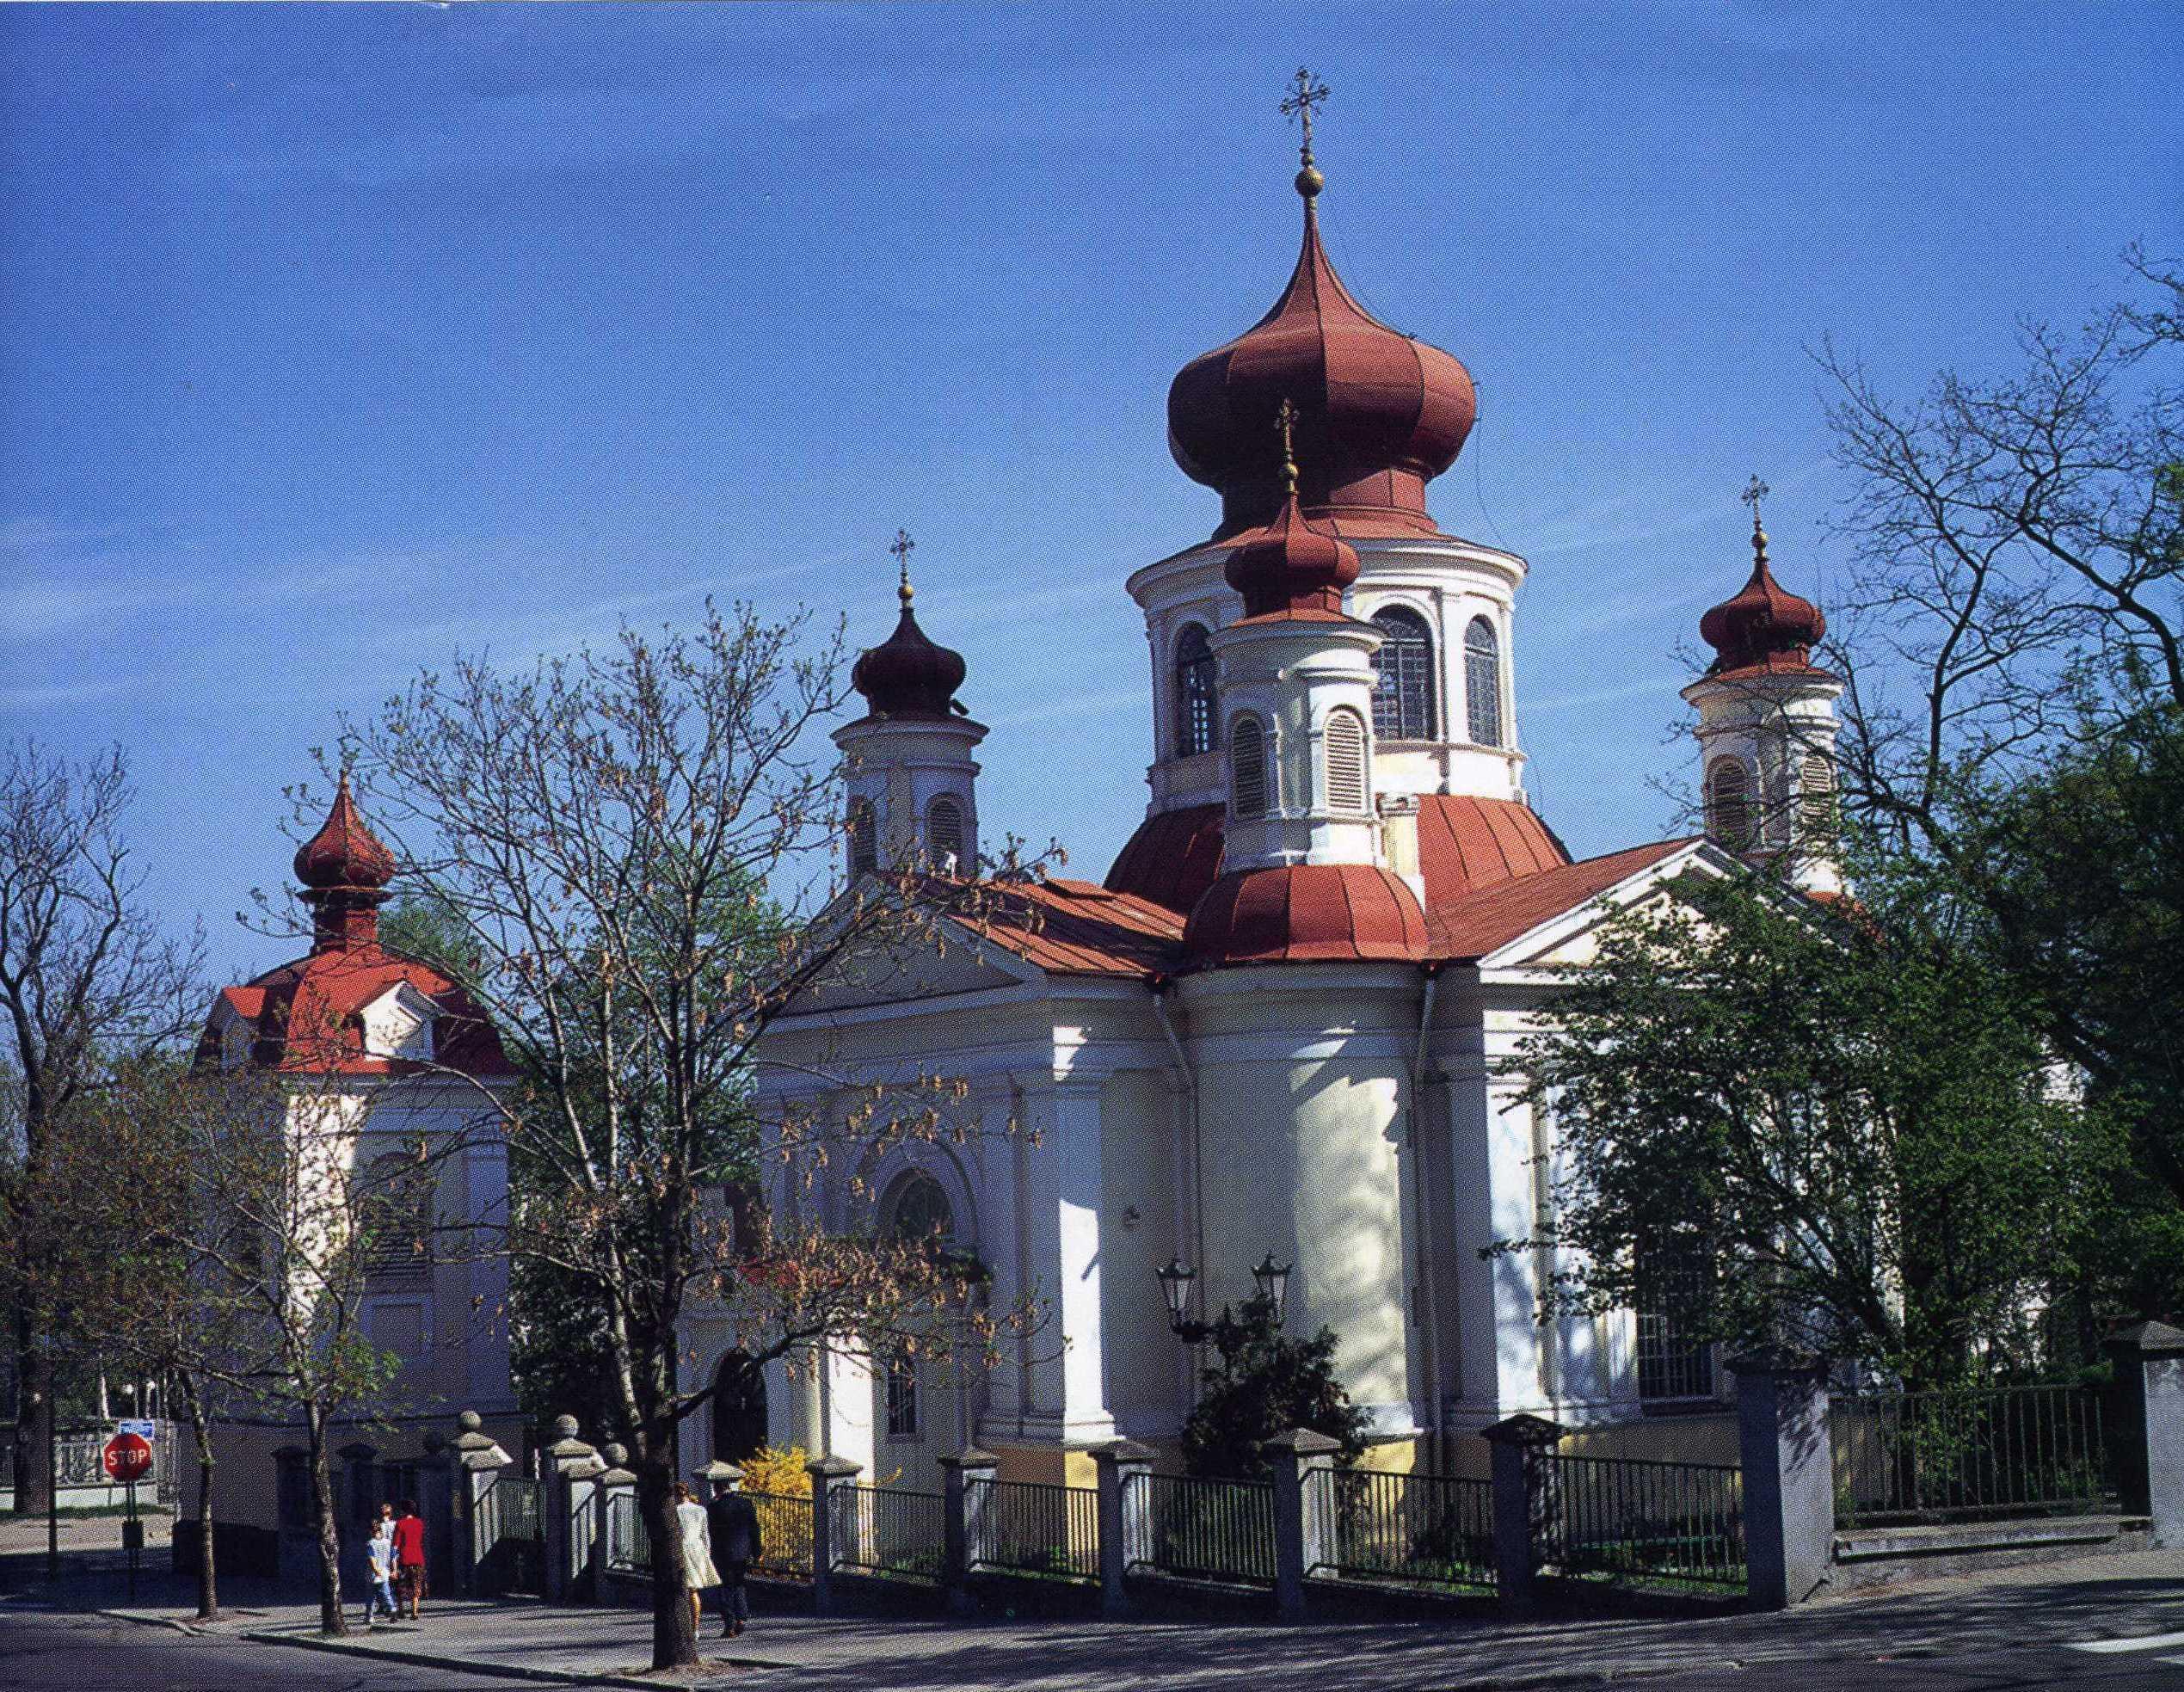 poznajmy sie pl Lublin